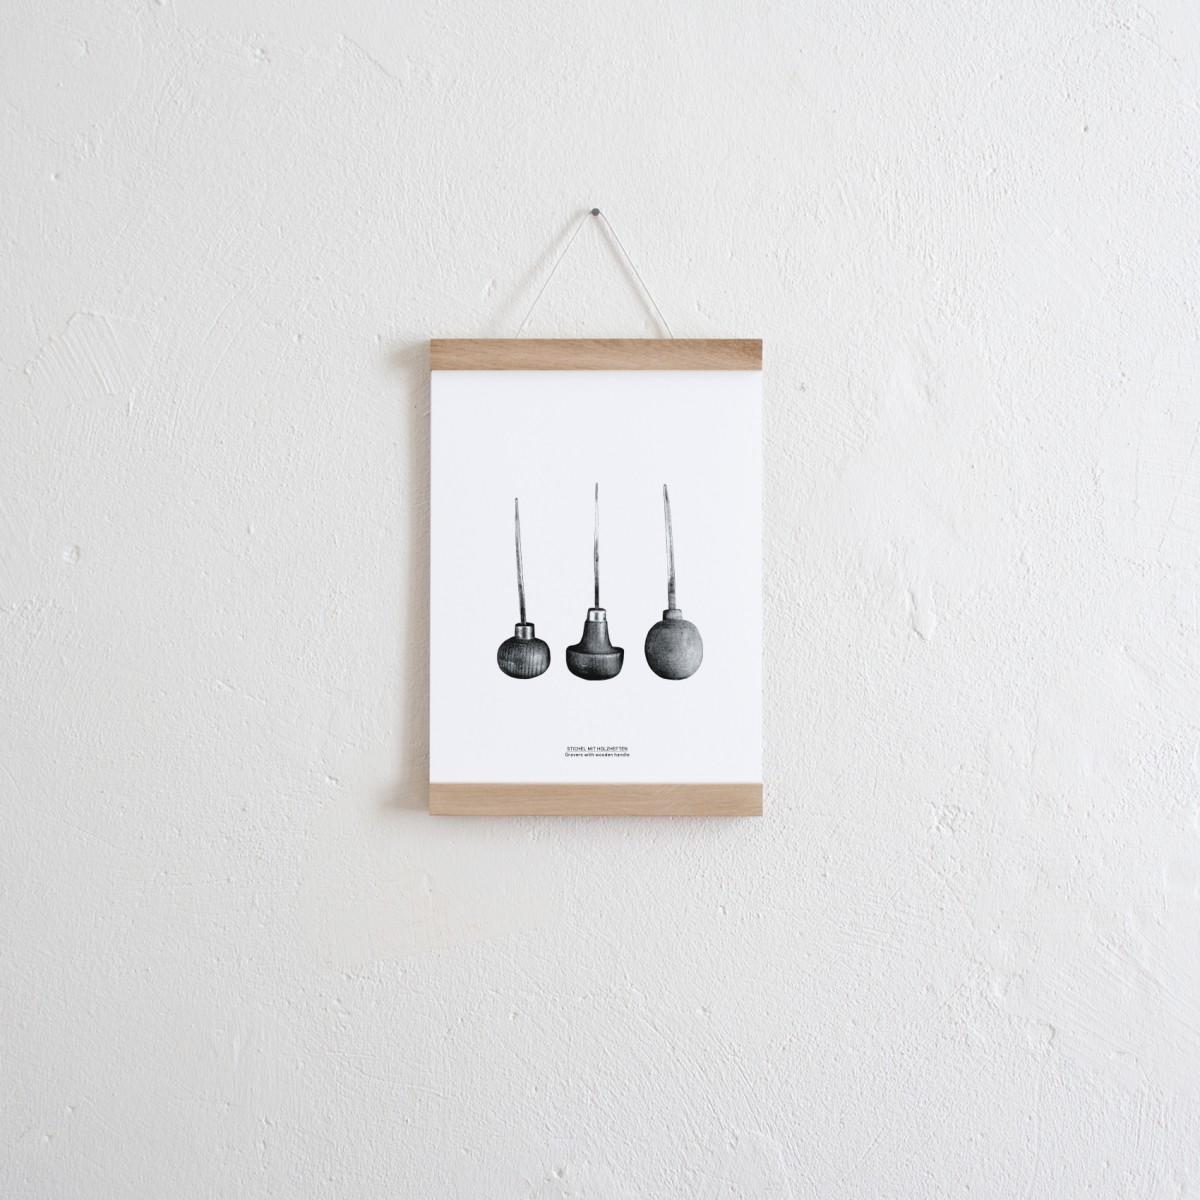 Set / Stichel Wendeposter + Posterleiste A4